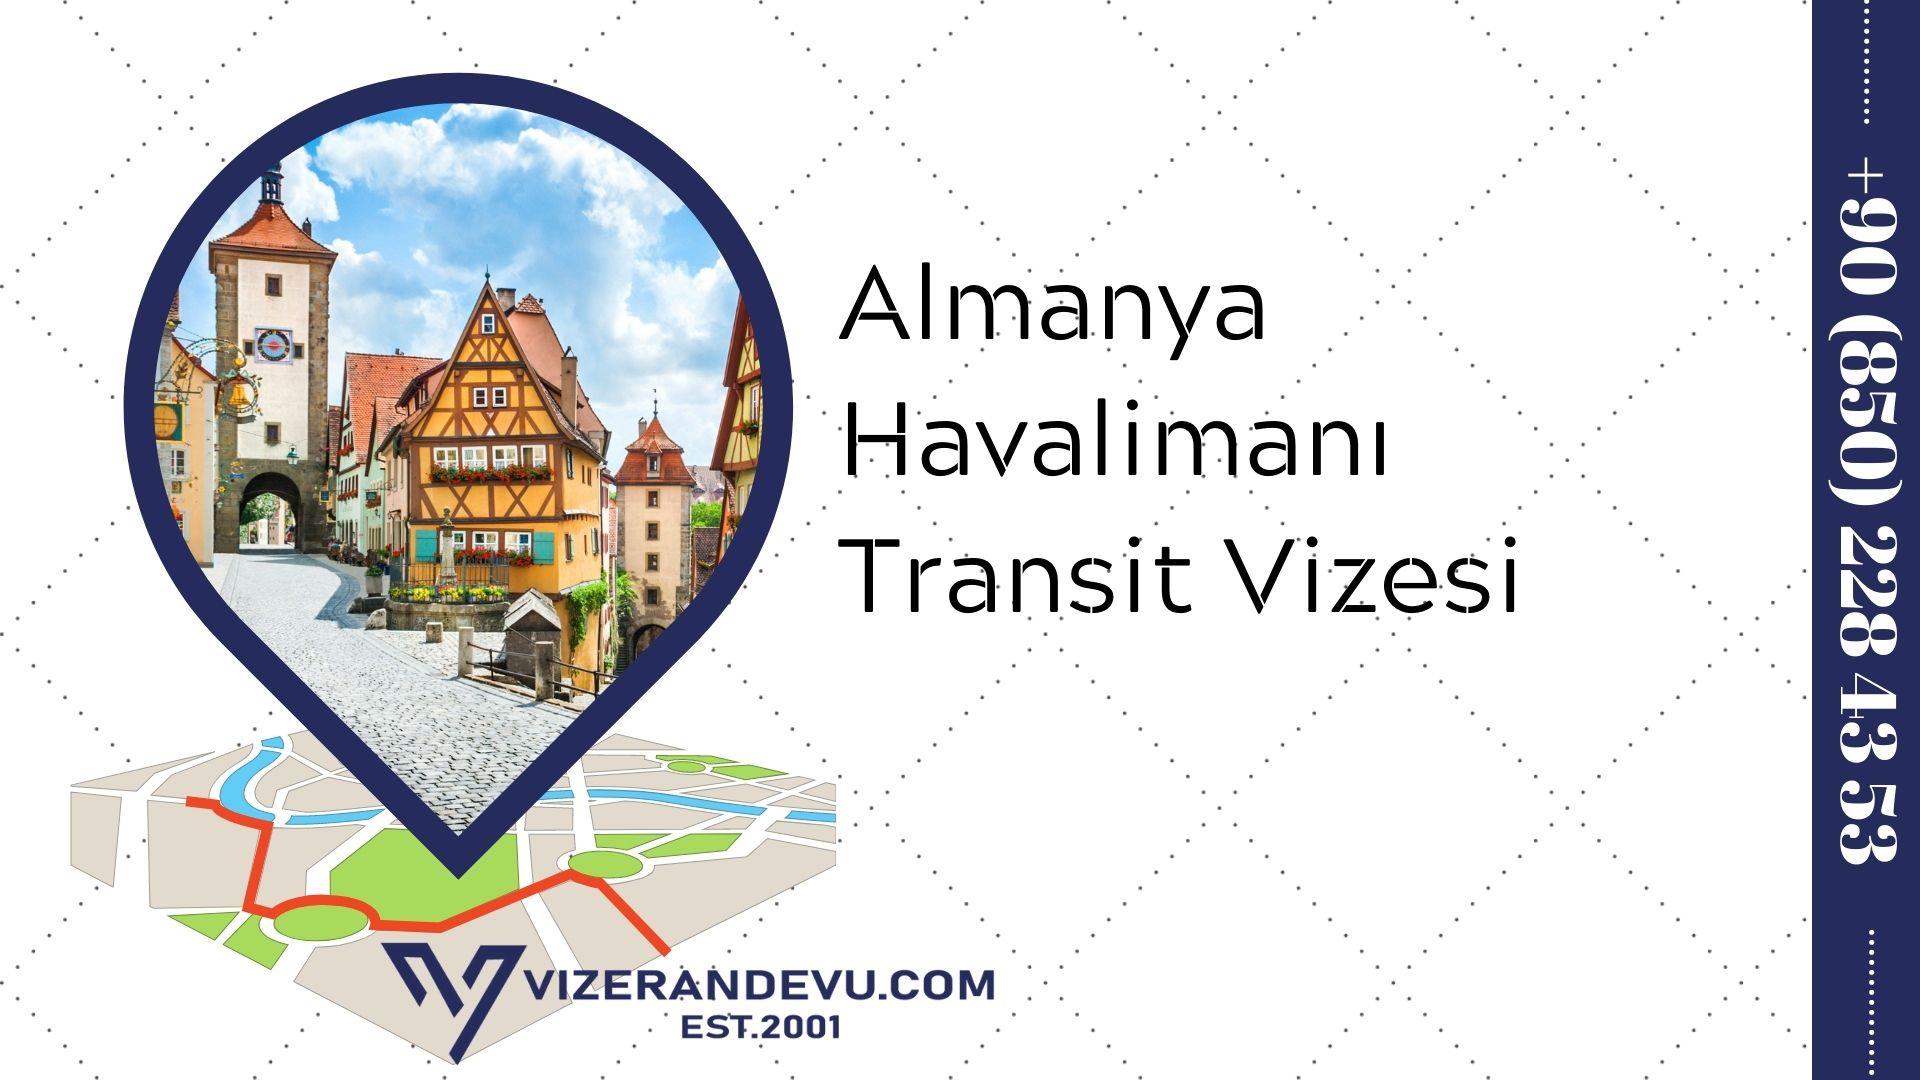 Almanya Havalimanı Transit Vizesi